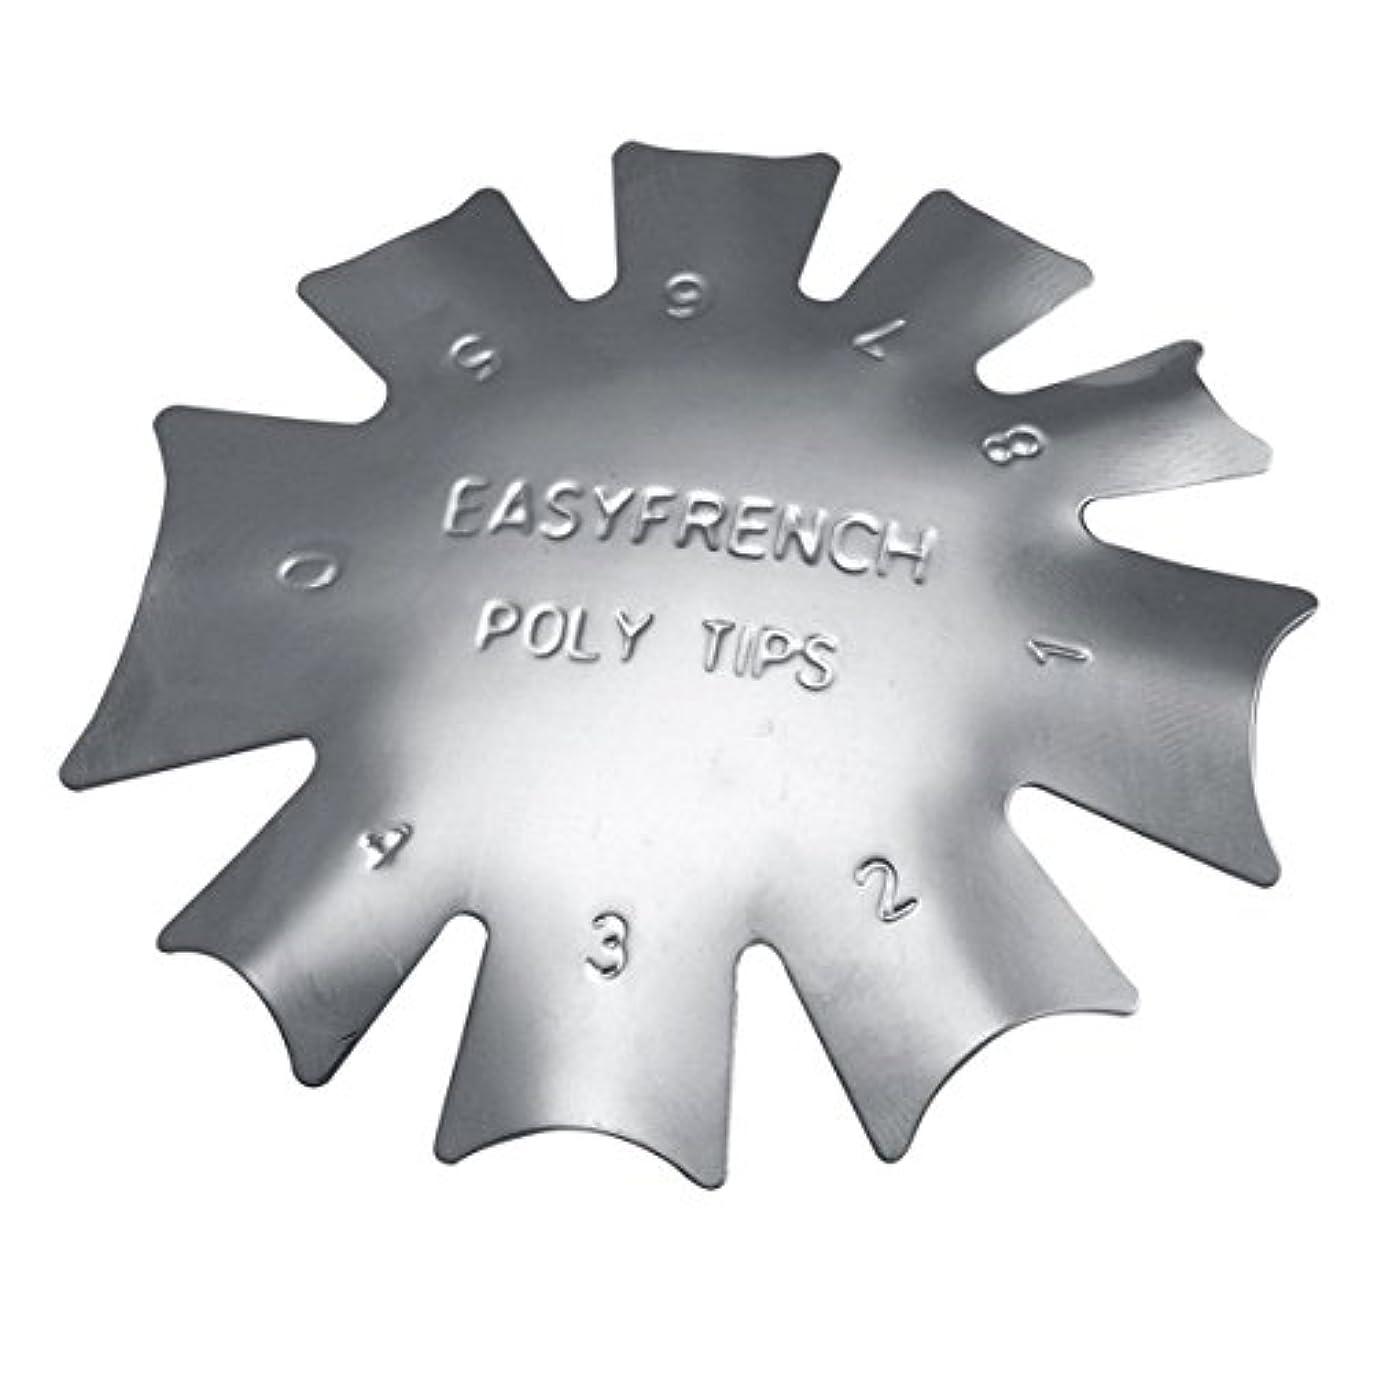 理解エンゲージメントベスト3ピース/セット丈夫な金属ステンレス鋼フレンチマニキュアモデリング整形プレートクリスタルネイル作りスタンピングプレート(シルバー)